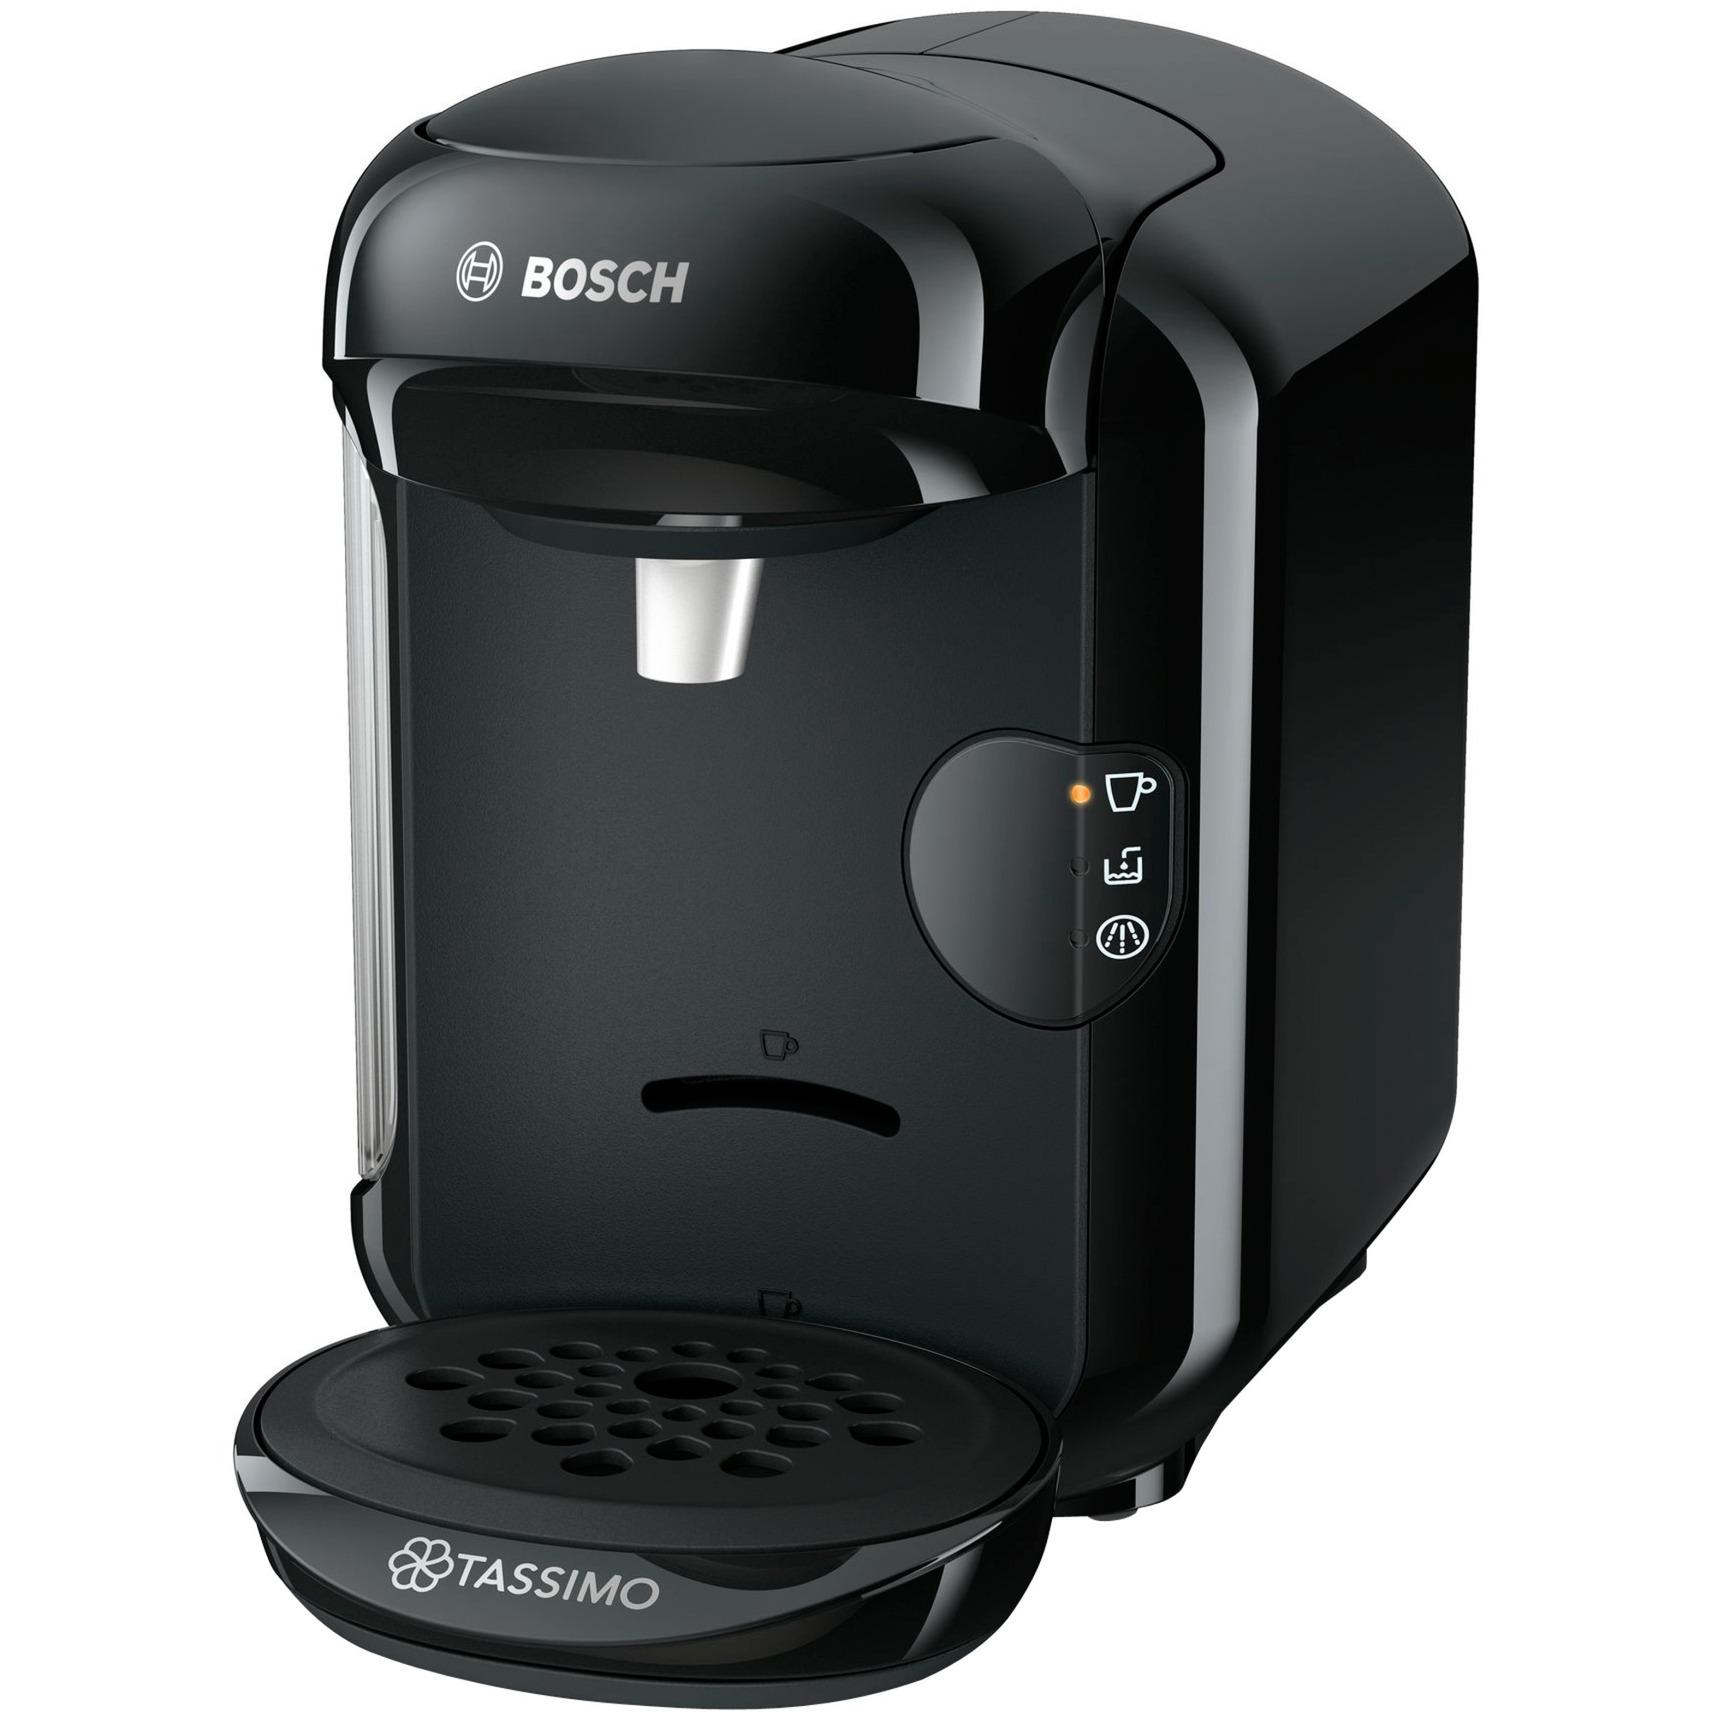 TAS1402 Independiente Totalmente automática Cafetera combinada 0.7L Negro cafetera eléctrica, Cafetera de cápsulas